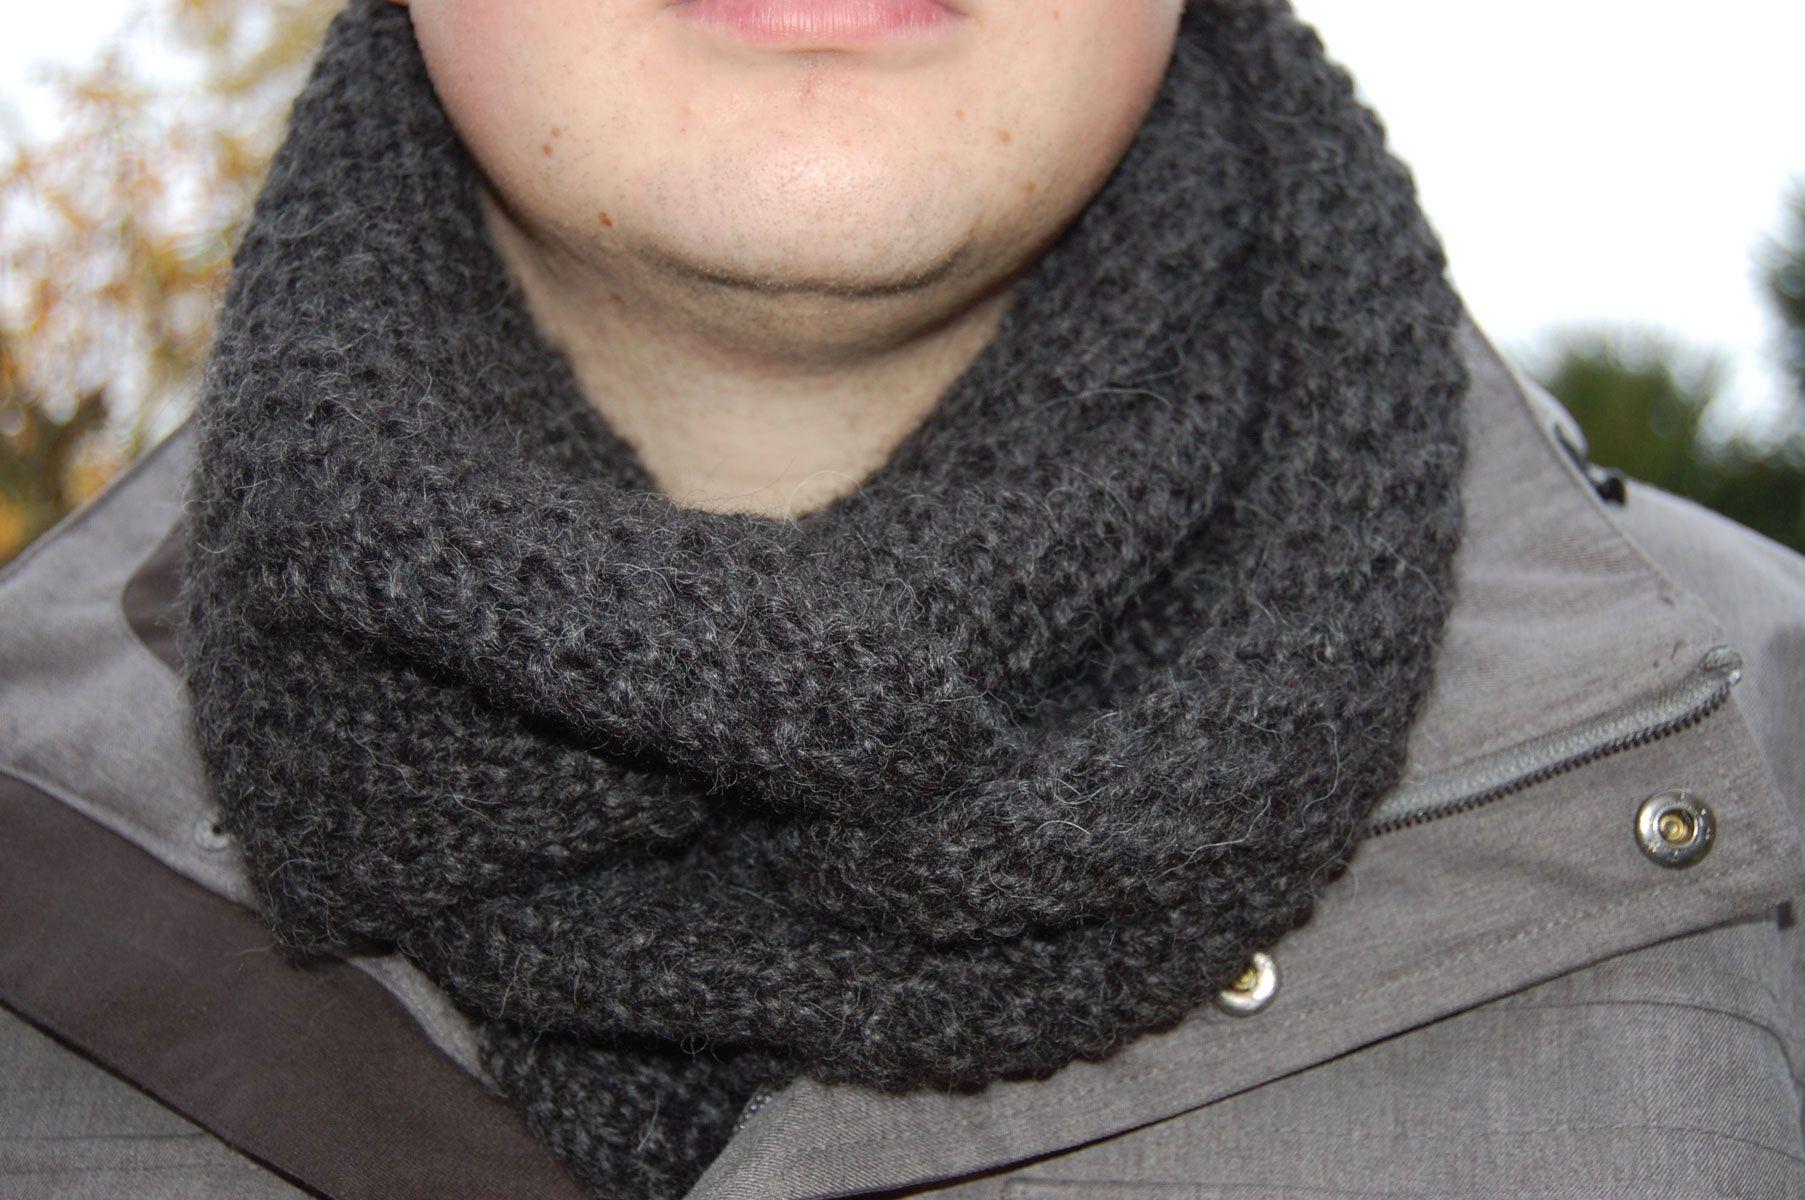 Anleitung: Schal stricken für Männer | Pinterest | Schal stricken ...